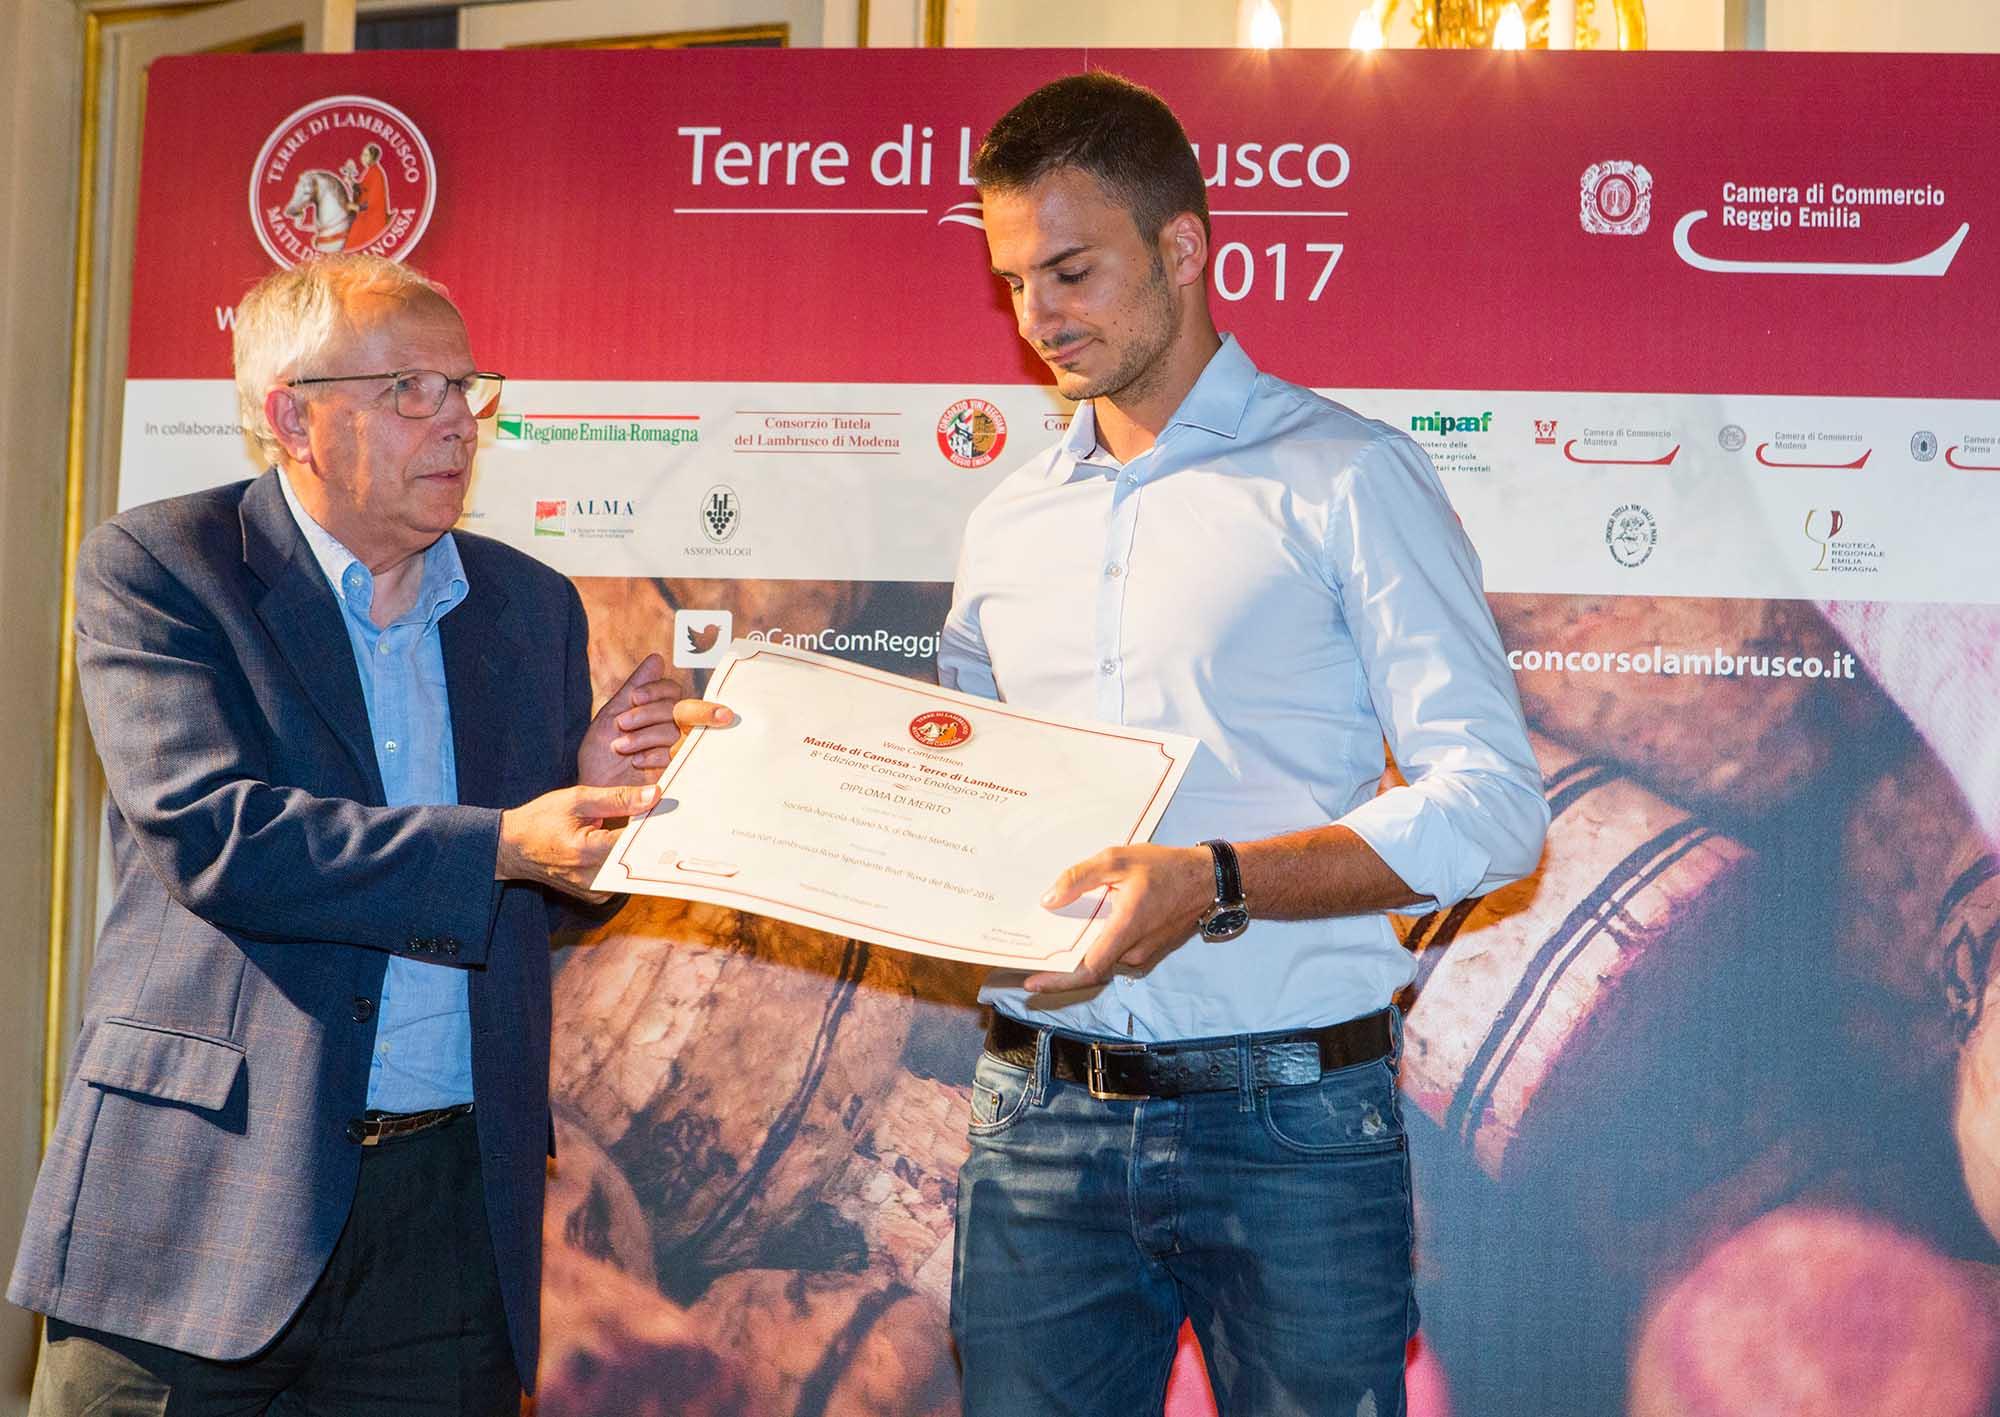 Premiazione1 Rosa del borgo aljano Matilde di Canossa Terre di Lambrusco